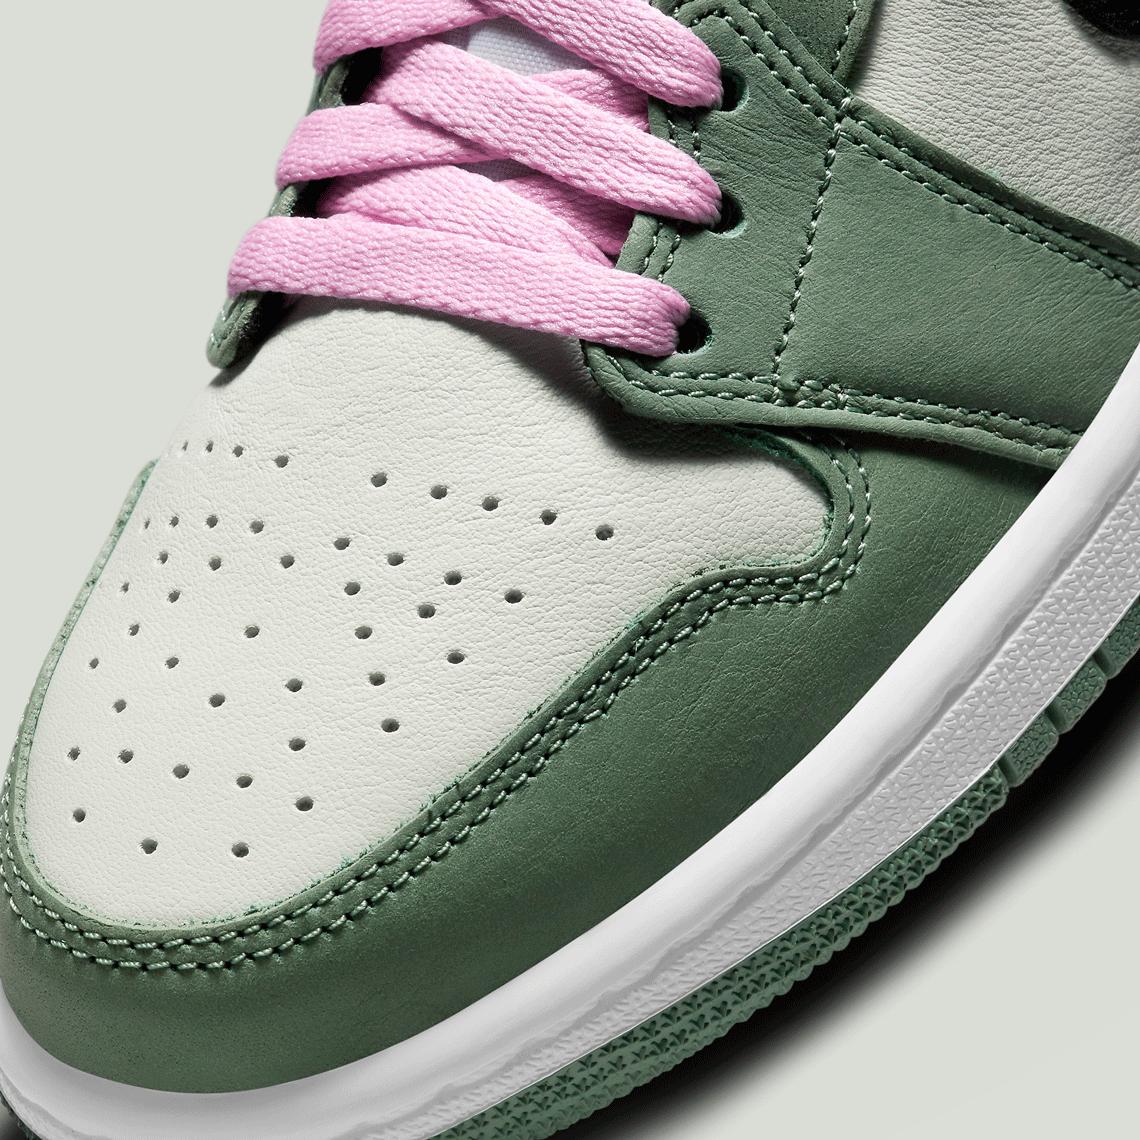 Wmns Air Jordan 1 Mid SE 'Dutch Green'